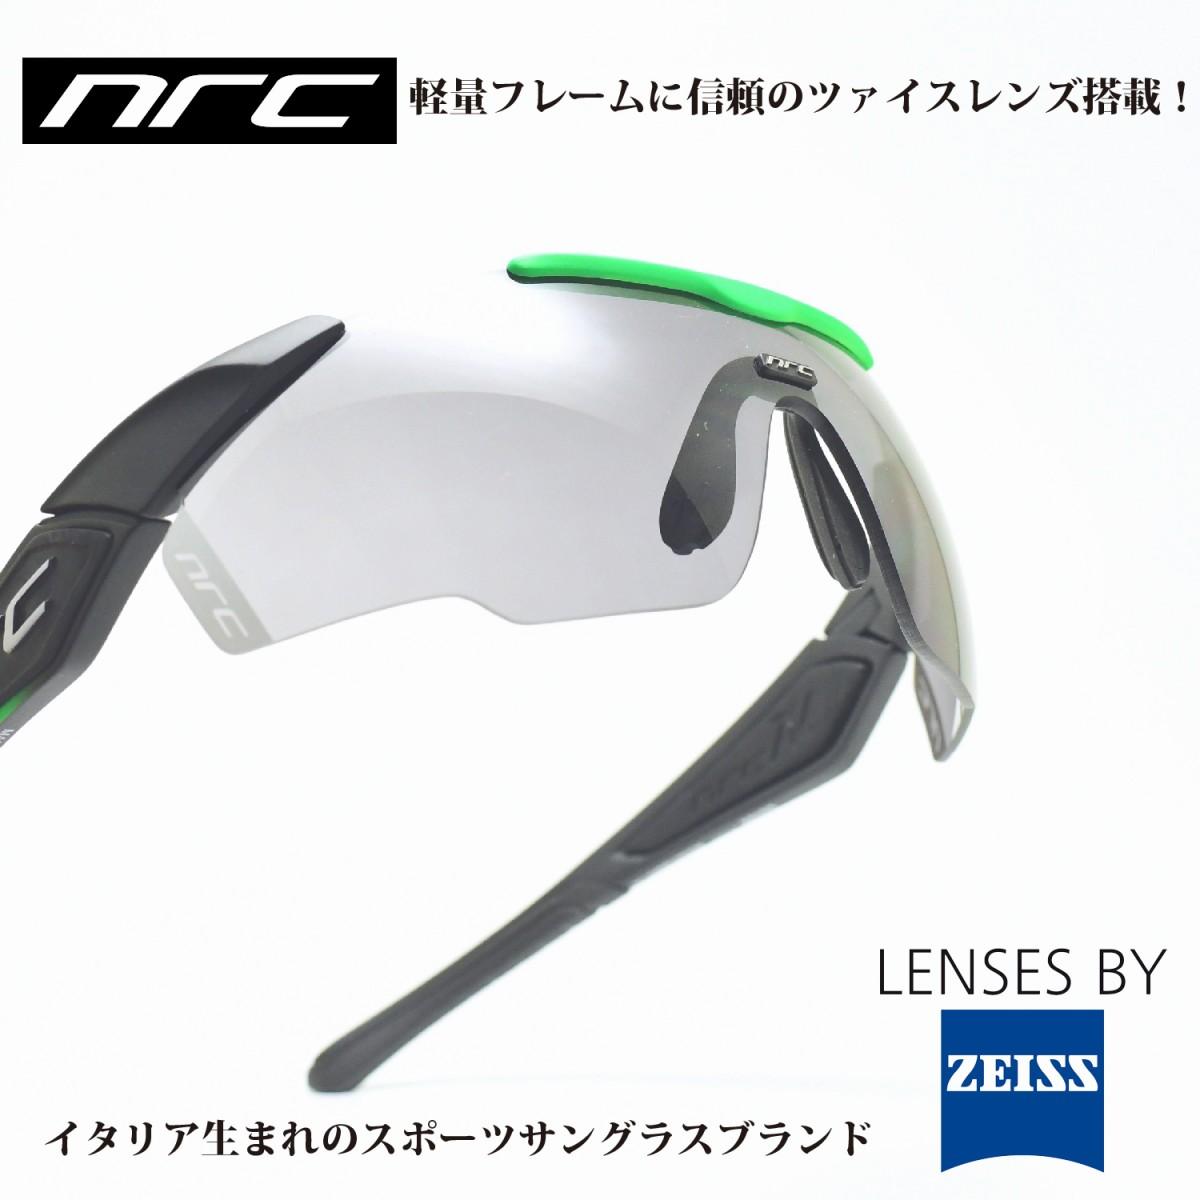 nrc エヌアールシー X1DARKRIDE/GRAY CARBON MIRRORメガネ 眼鏡 めがね メンズ レディース おしゃれ ブランド人気 おすすめ フレーム 流行り 度付き レンズ サングラス